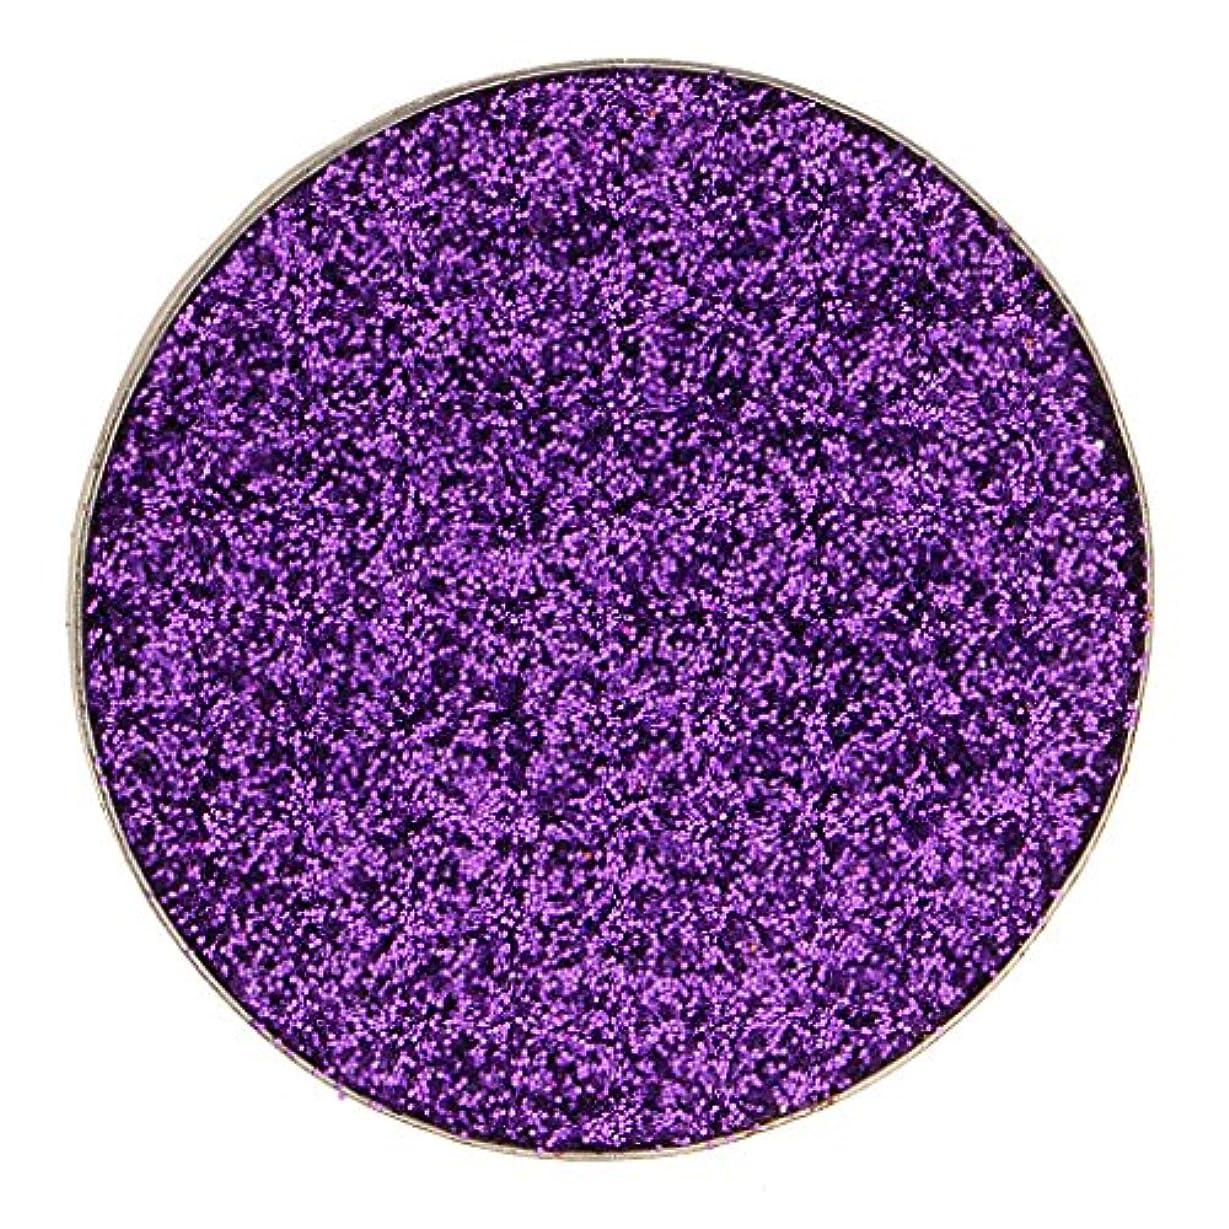 八放送ネックレットダイヤモンド キラキラ シマー メイクアップ アイシャドウ 顔料 長持ち 滑らか 全5色 - 紫